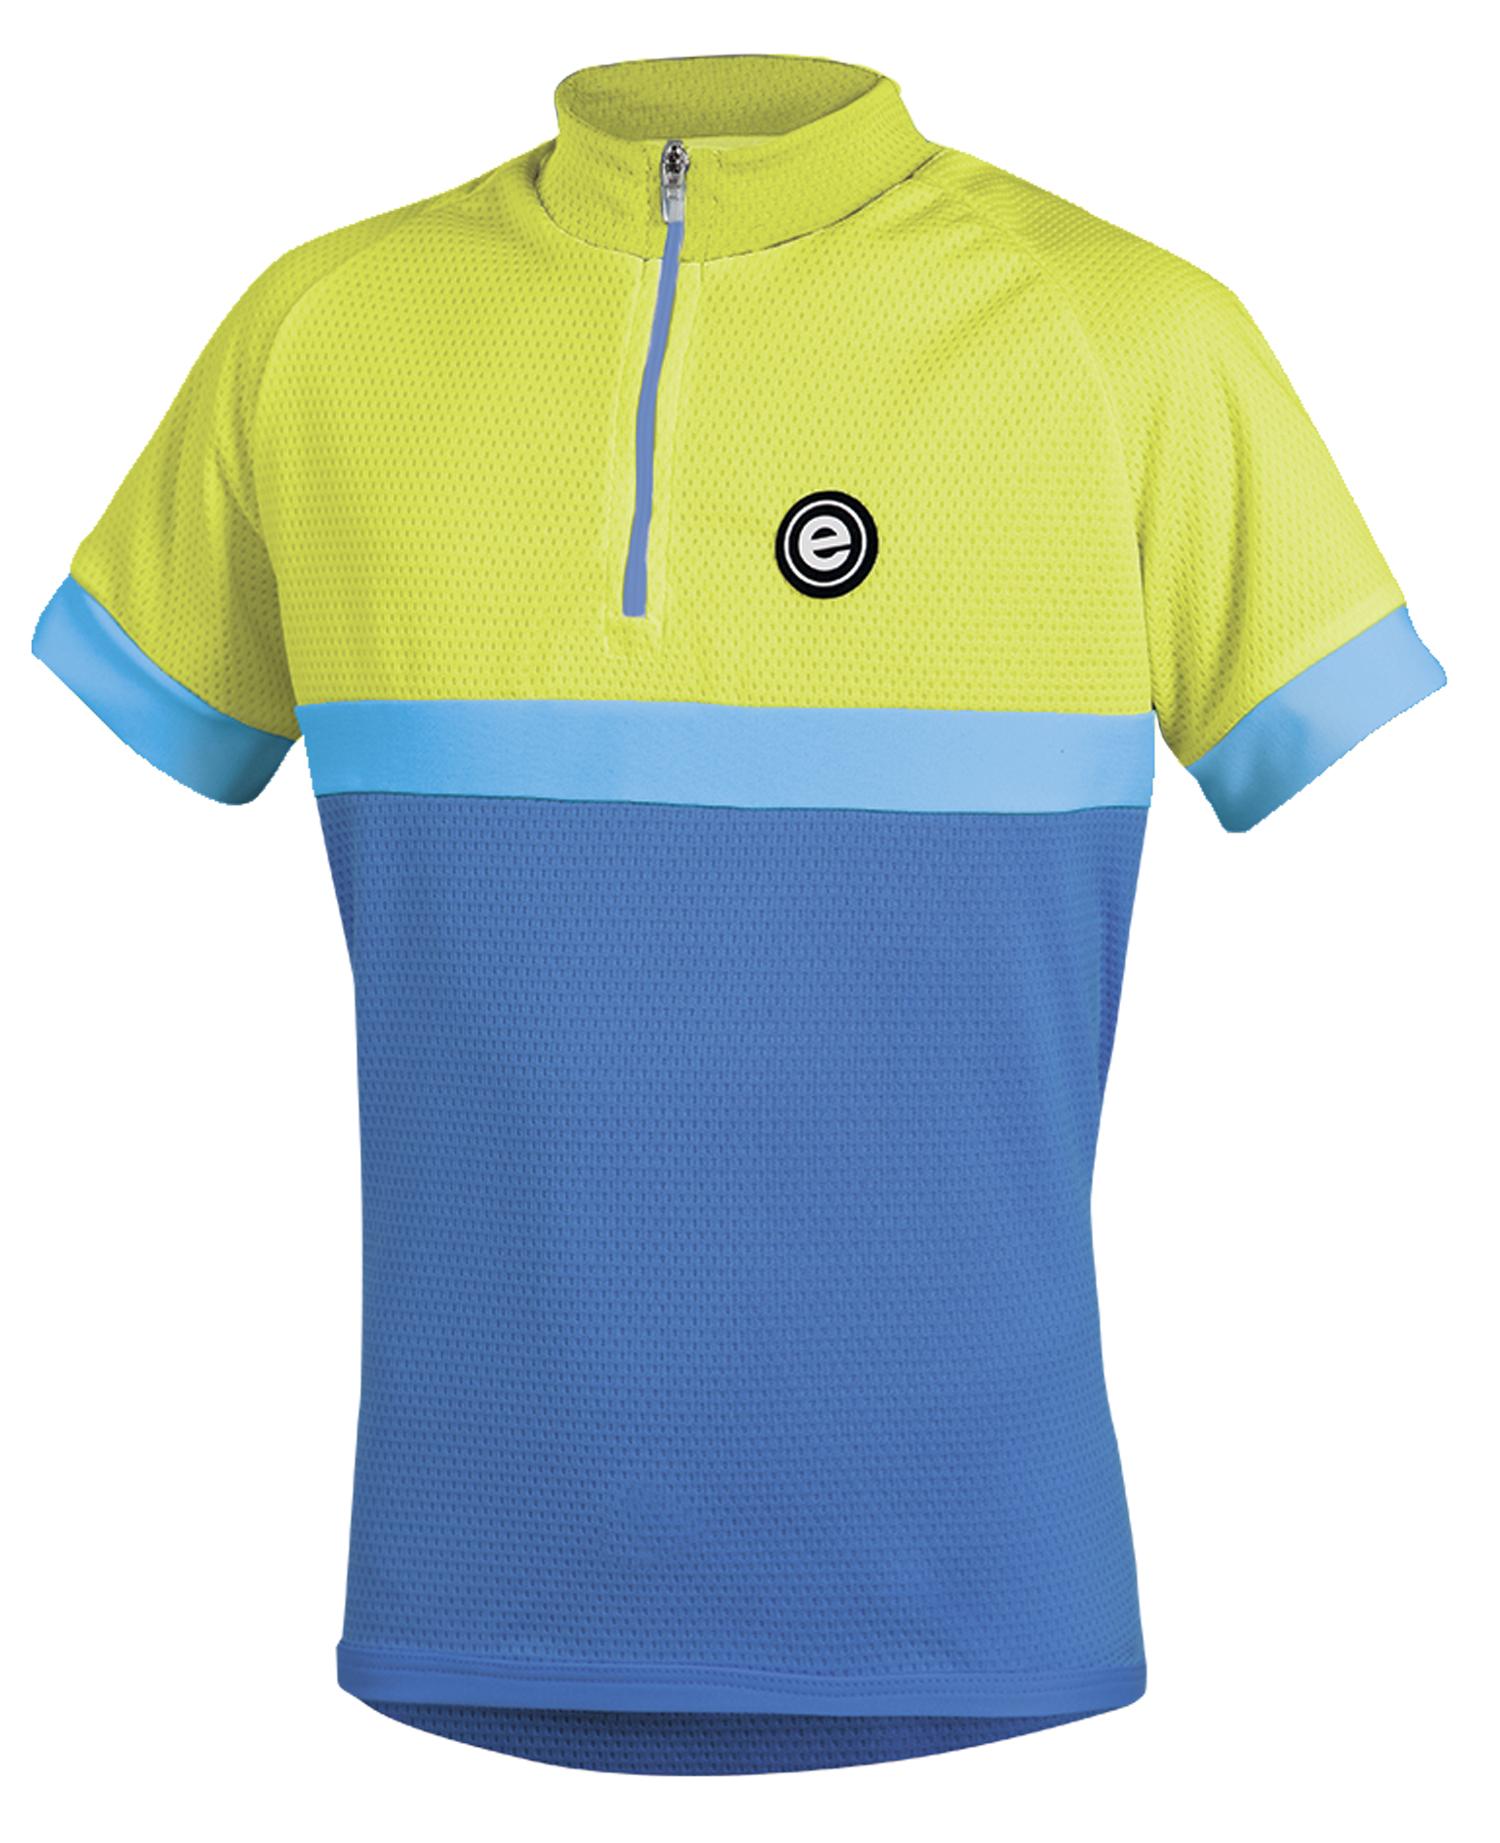 Dětský cyklistický dres ETAPE Bambino, 128/134, modrá/žlutá fluo, model 2017 (Dětský dres Etape, přední zip)